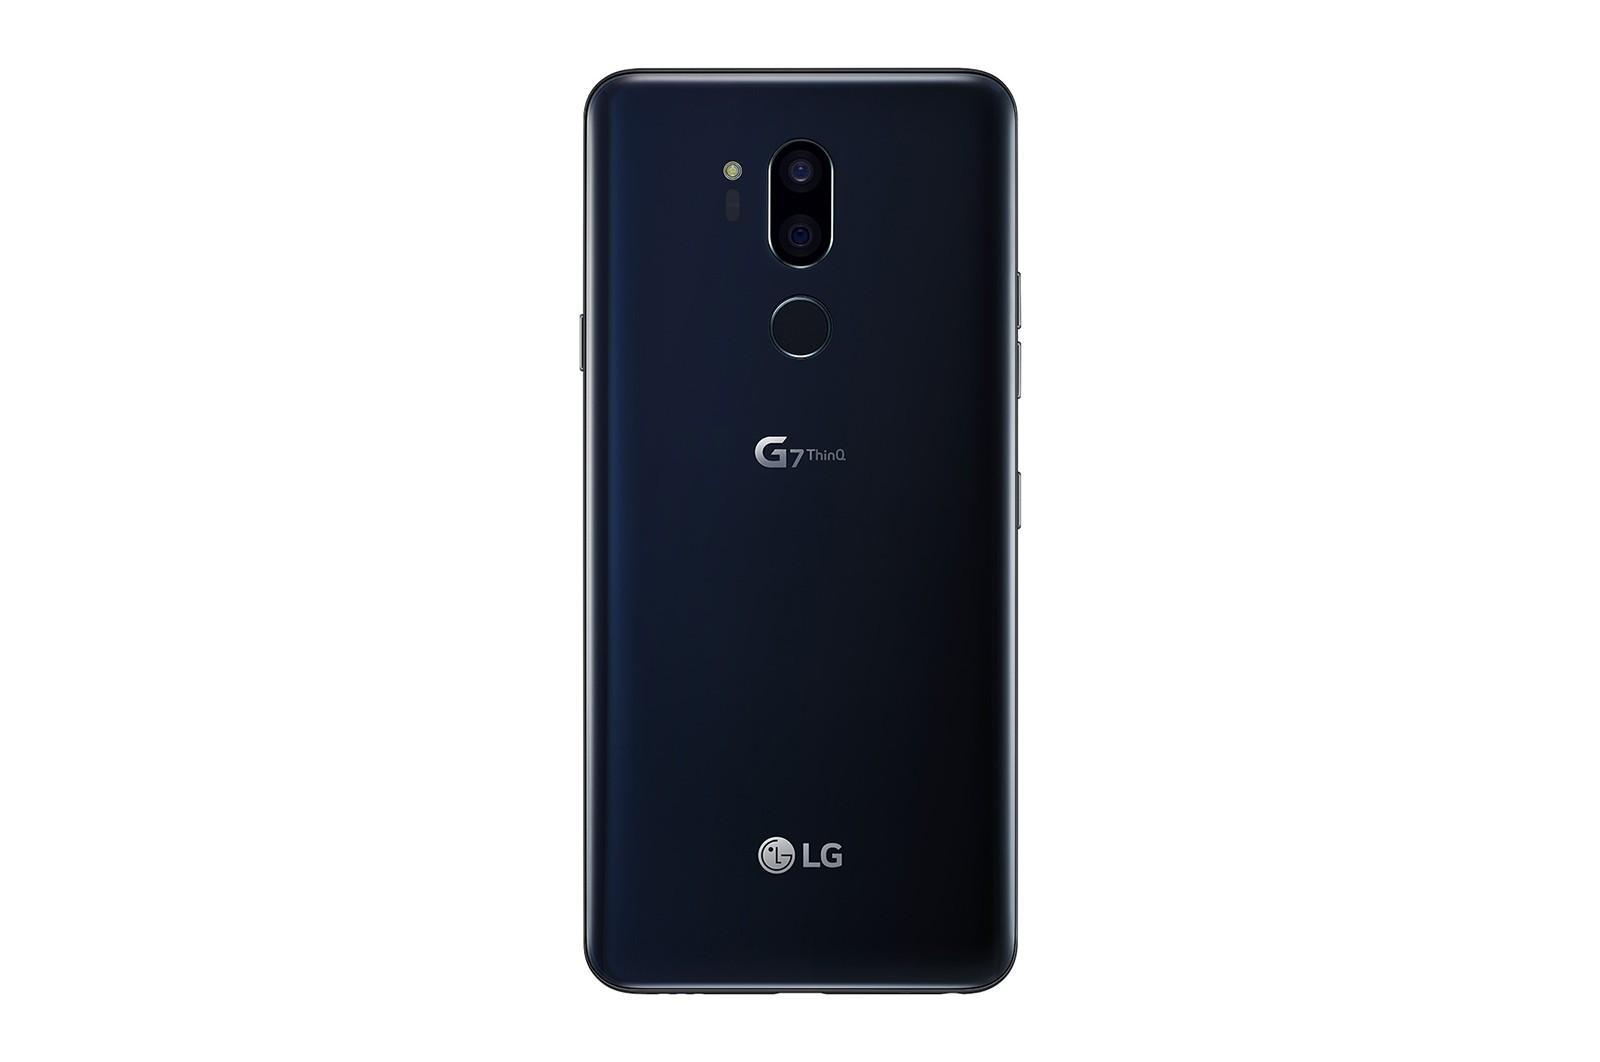 Render ufficiale del retro di LG G7 ThinQ   Evosmart.it